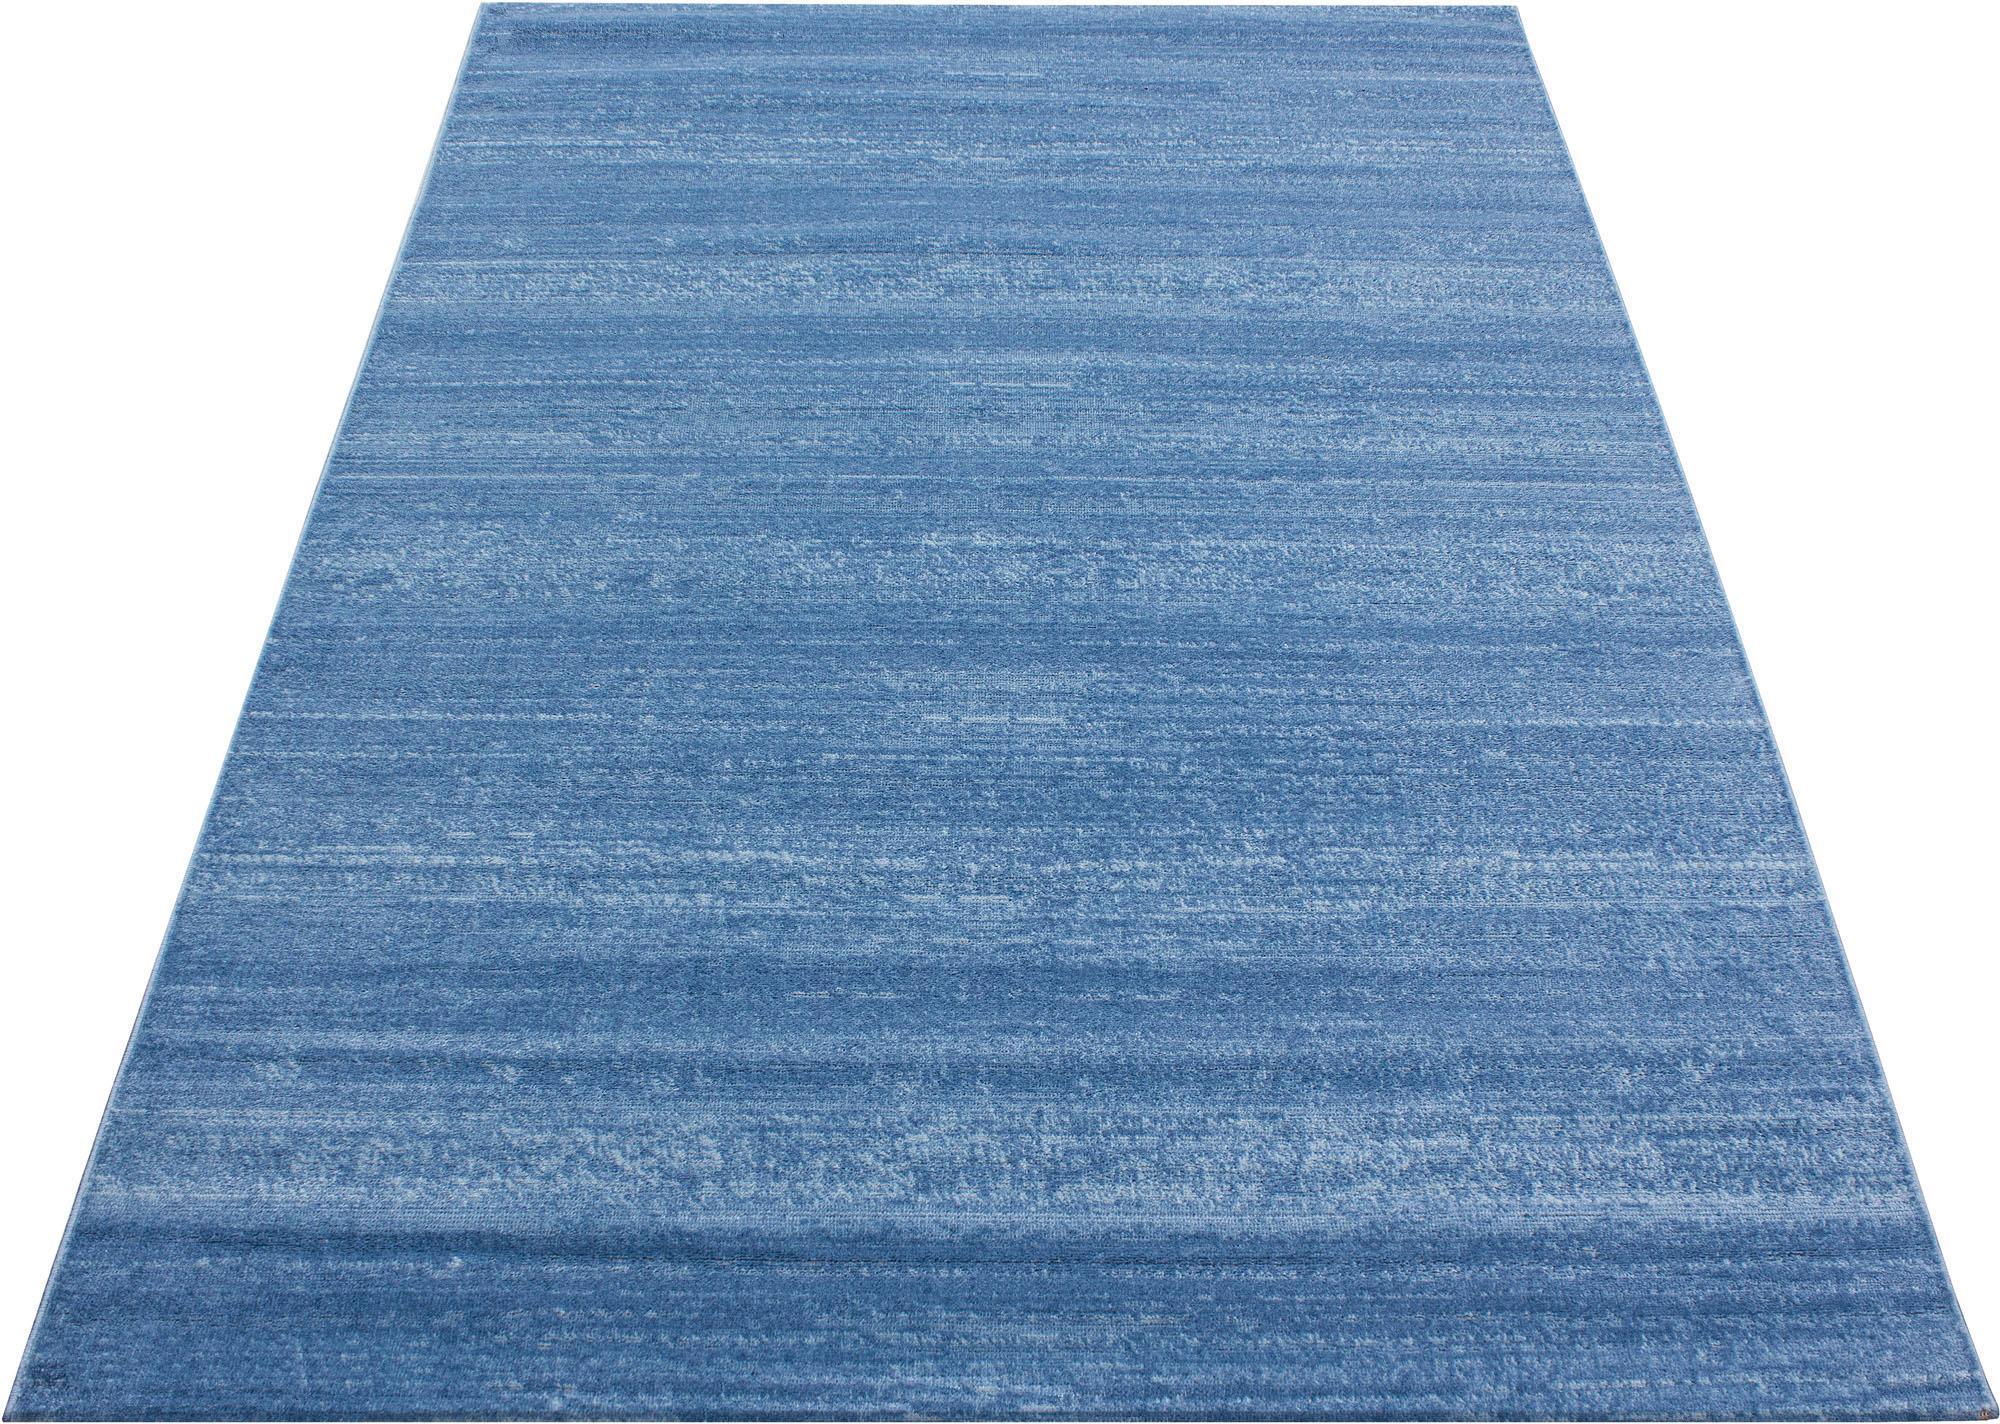 Teppich Plus 8000 Ayyildiz rechteckig Höhe 6 mm maschinell gewebt